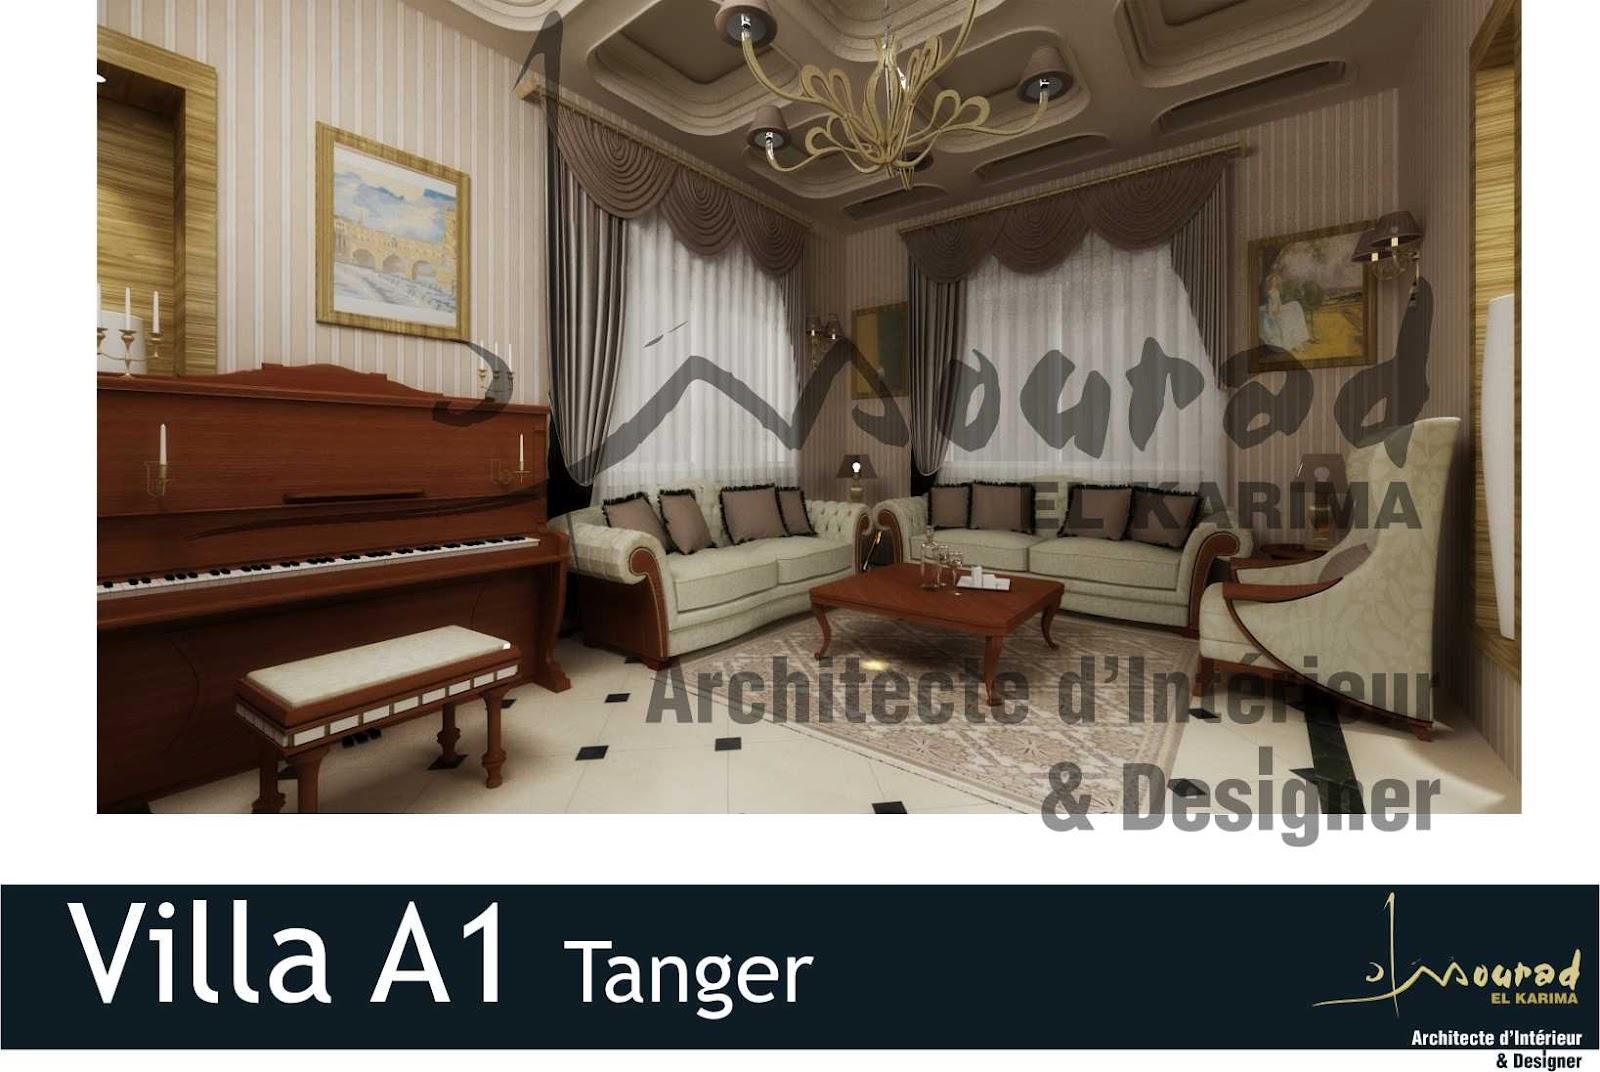 Mourad El Karima Architecte D 39 Interieur Designer